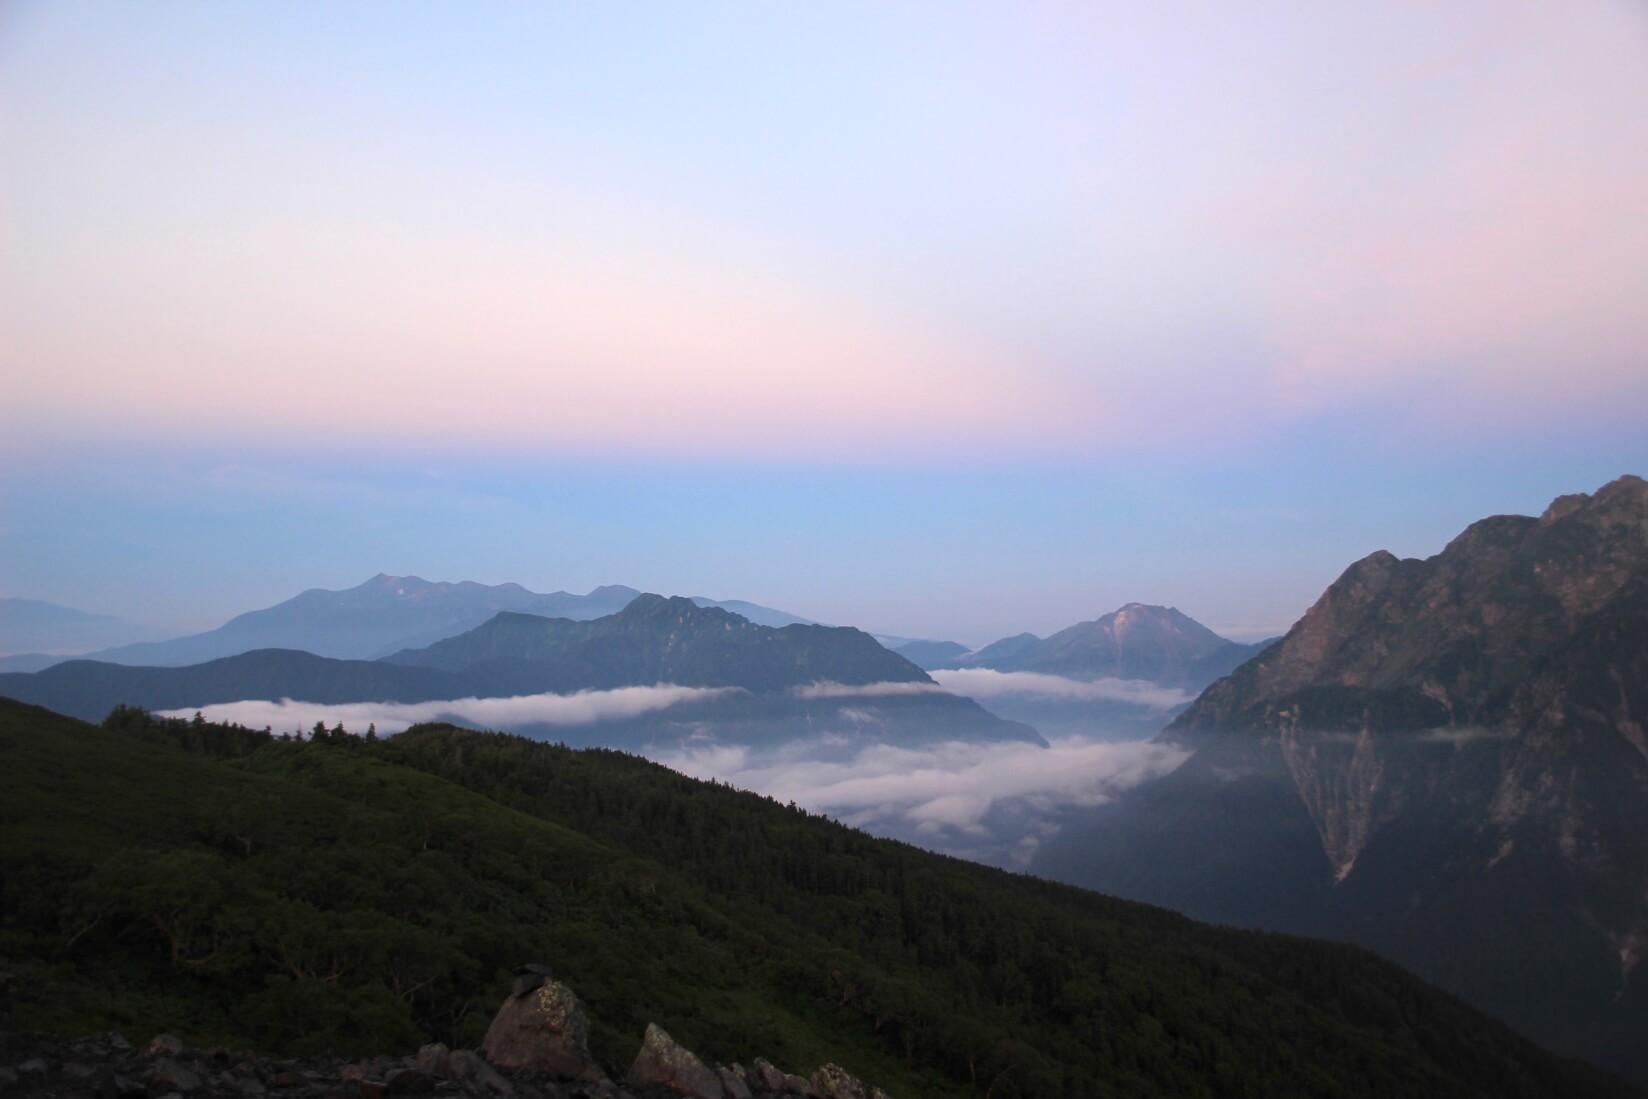 蝶ヶ岳から霞沢岳、焼岳、乗鞍岳